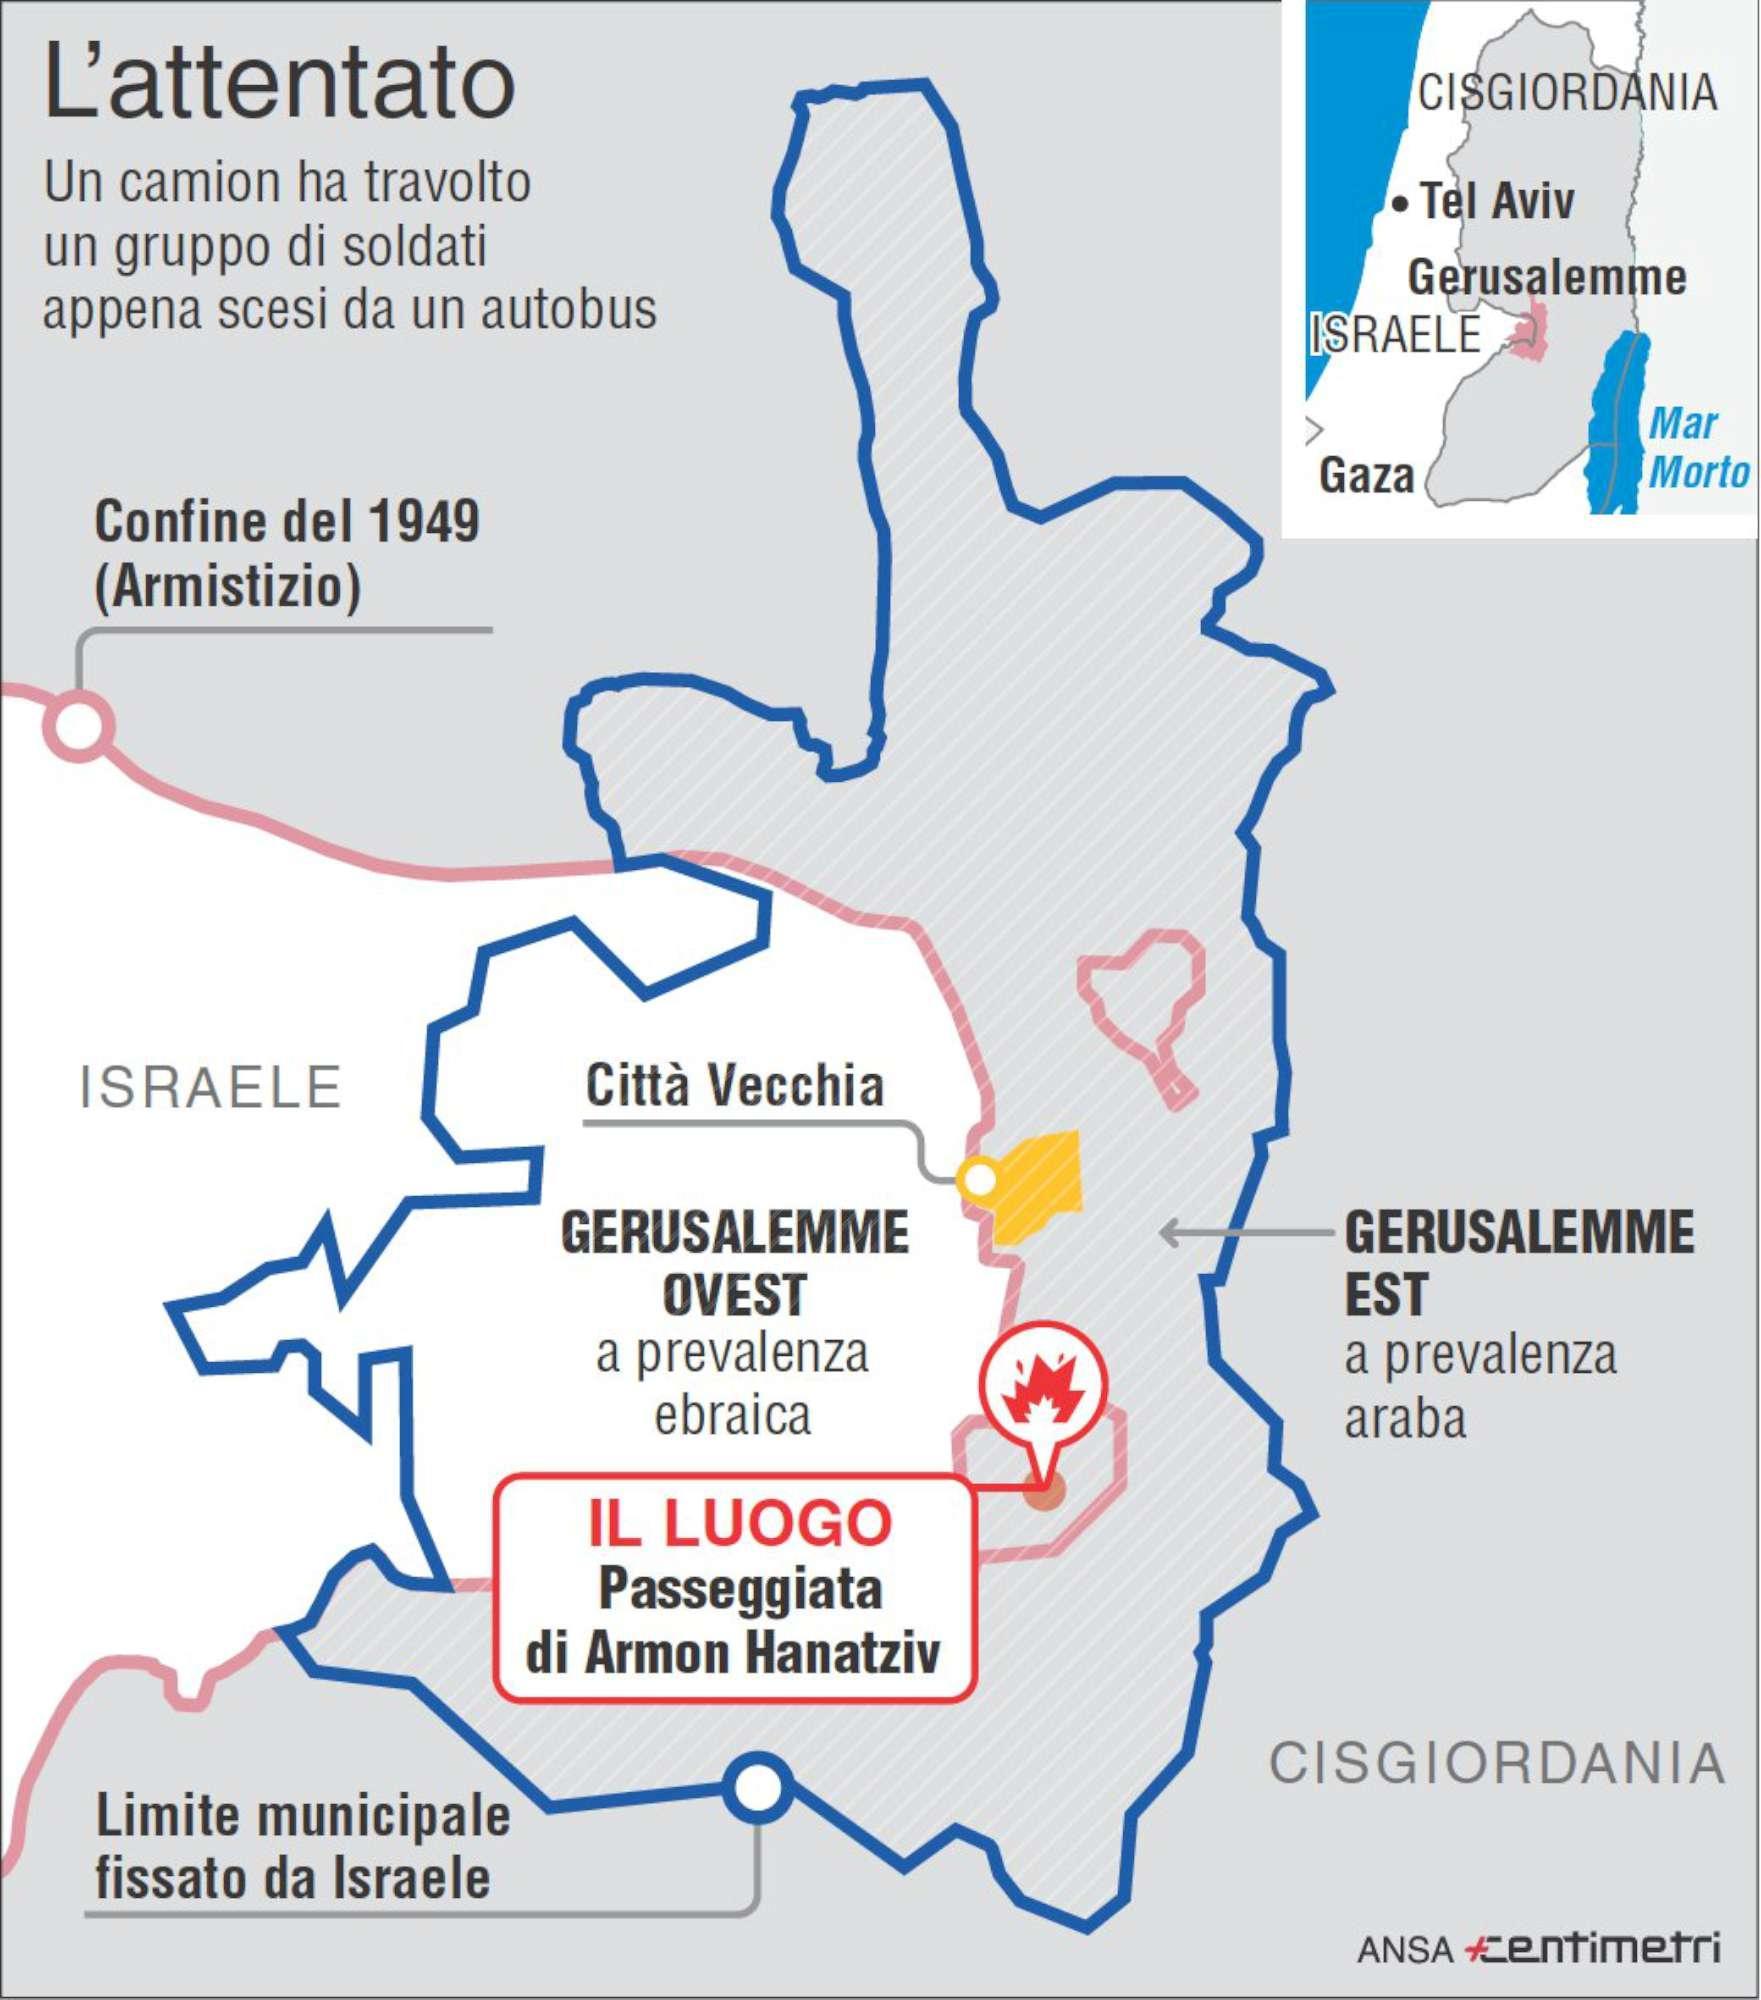 Gerusalemme, il luogo dell attentato contro i soldati